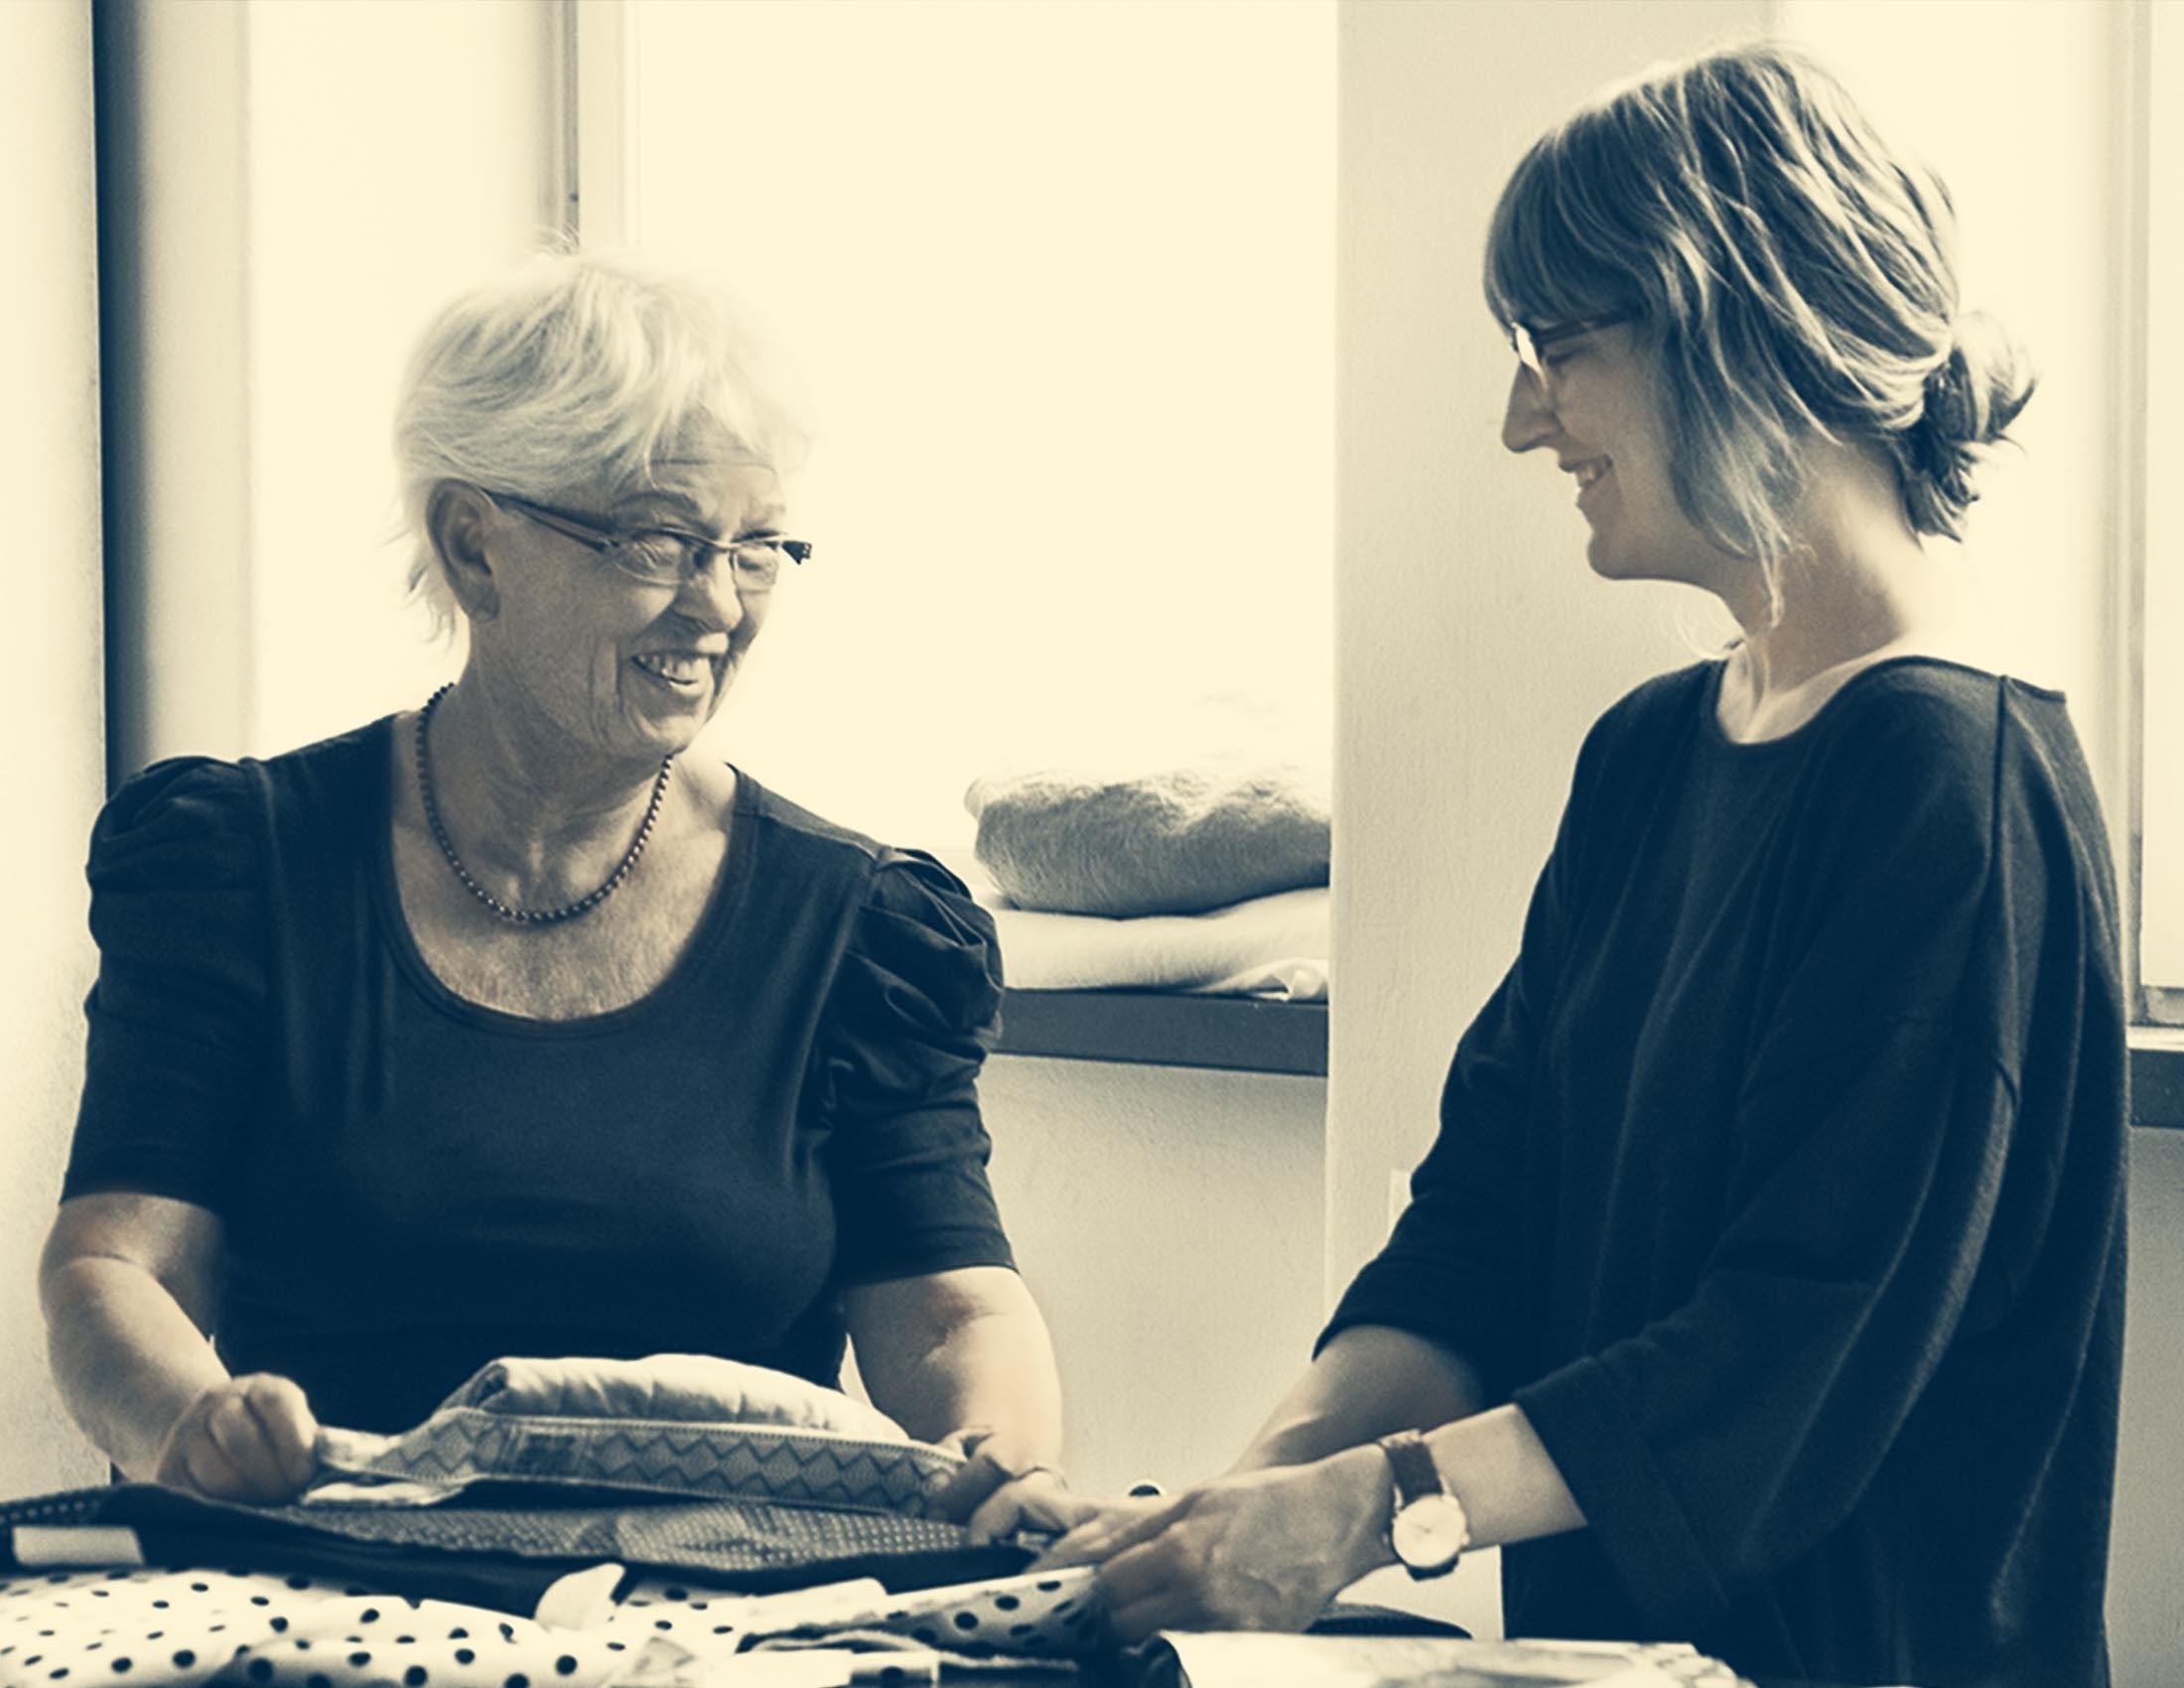 La fondatrice et designer textile Lillemor et la directrice artistique Karin regardent des tissus | BABYBJÖRN